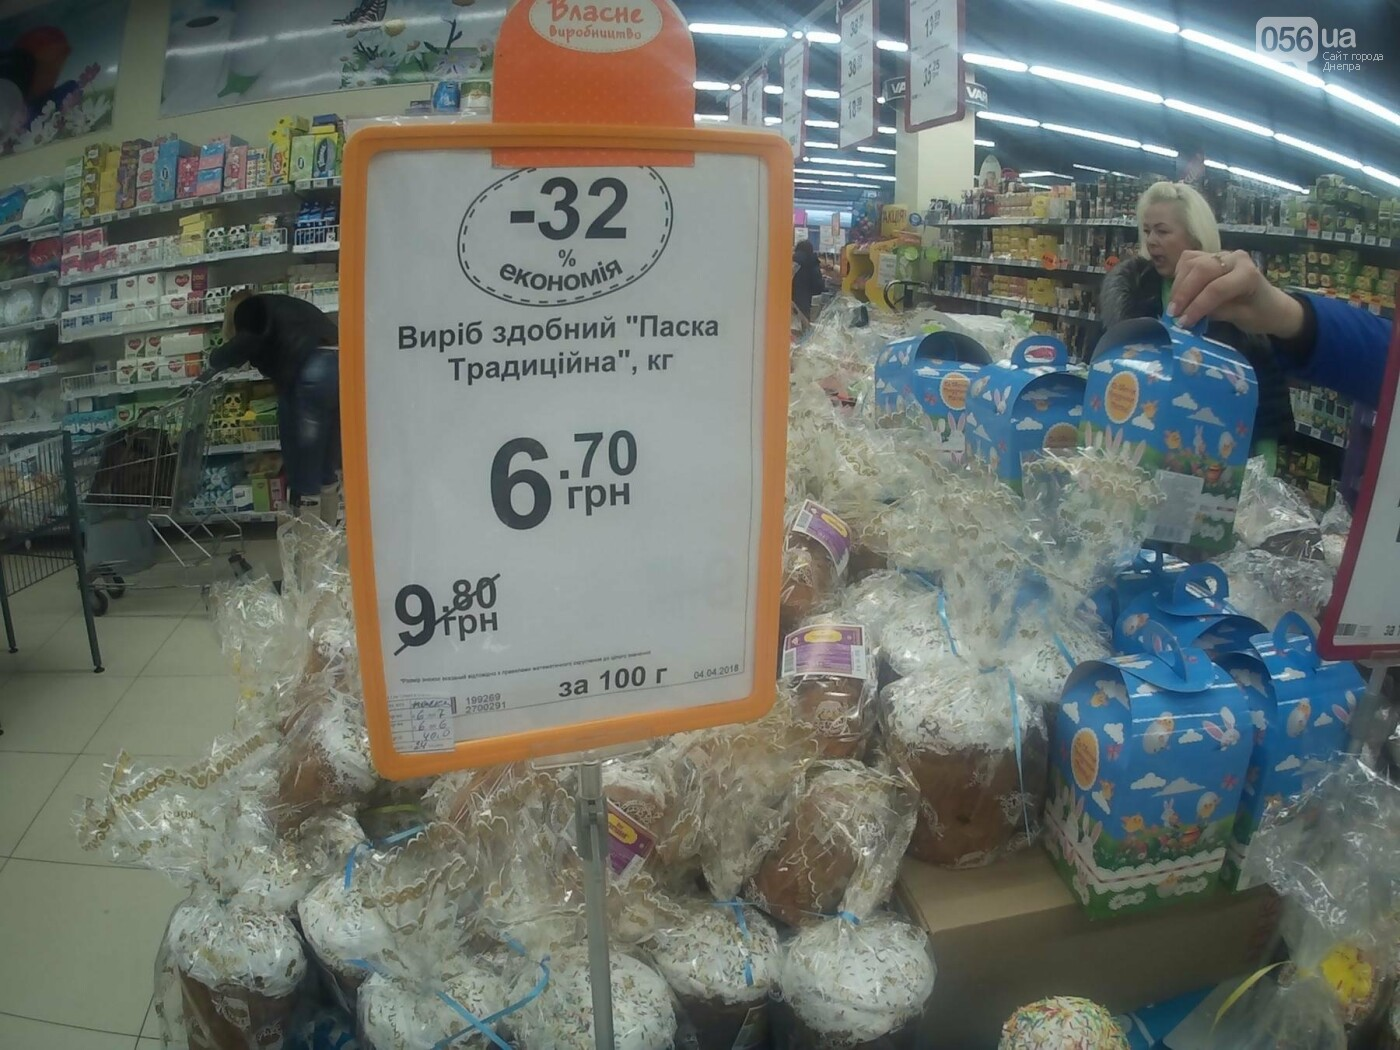 Сколько стоят паски в Днепре: обзор цен (ФОТО), фото-3